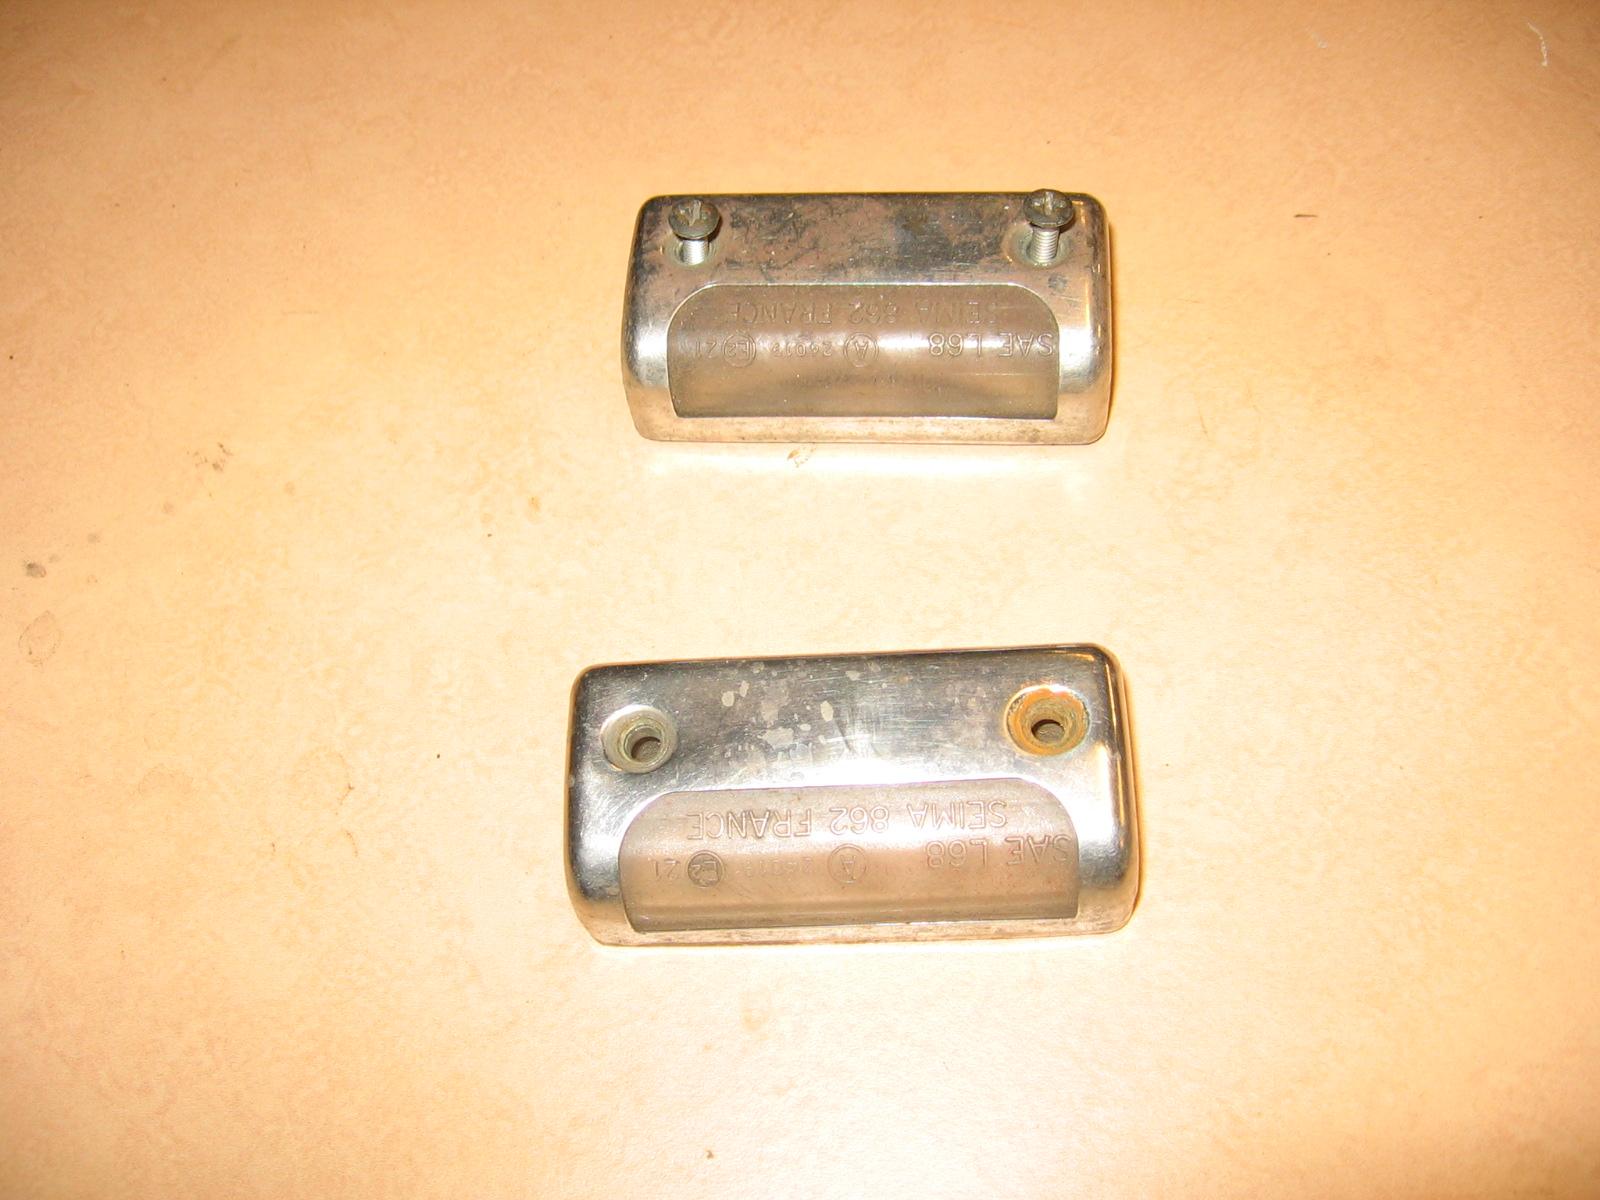 OD0458 kapjes kentekenplaat-verlichting in de achterbumper Ami 8, met glas